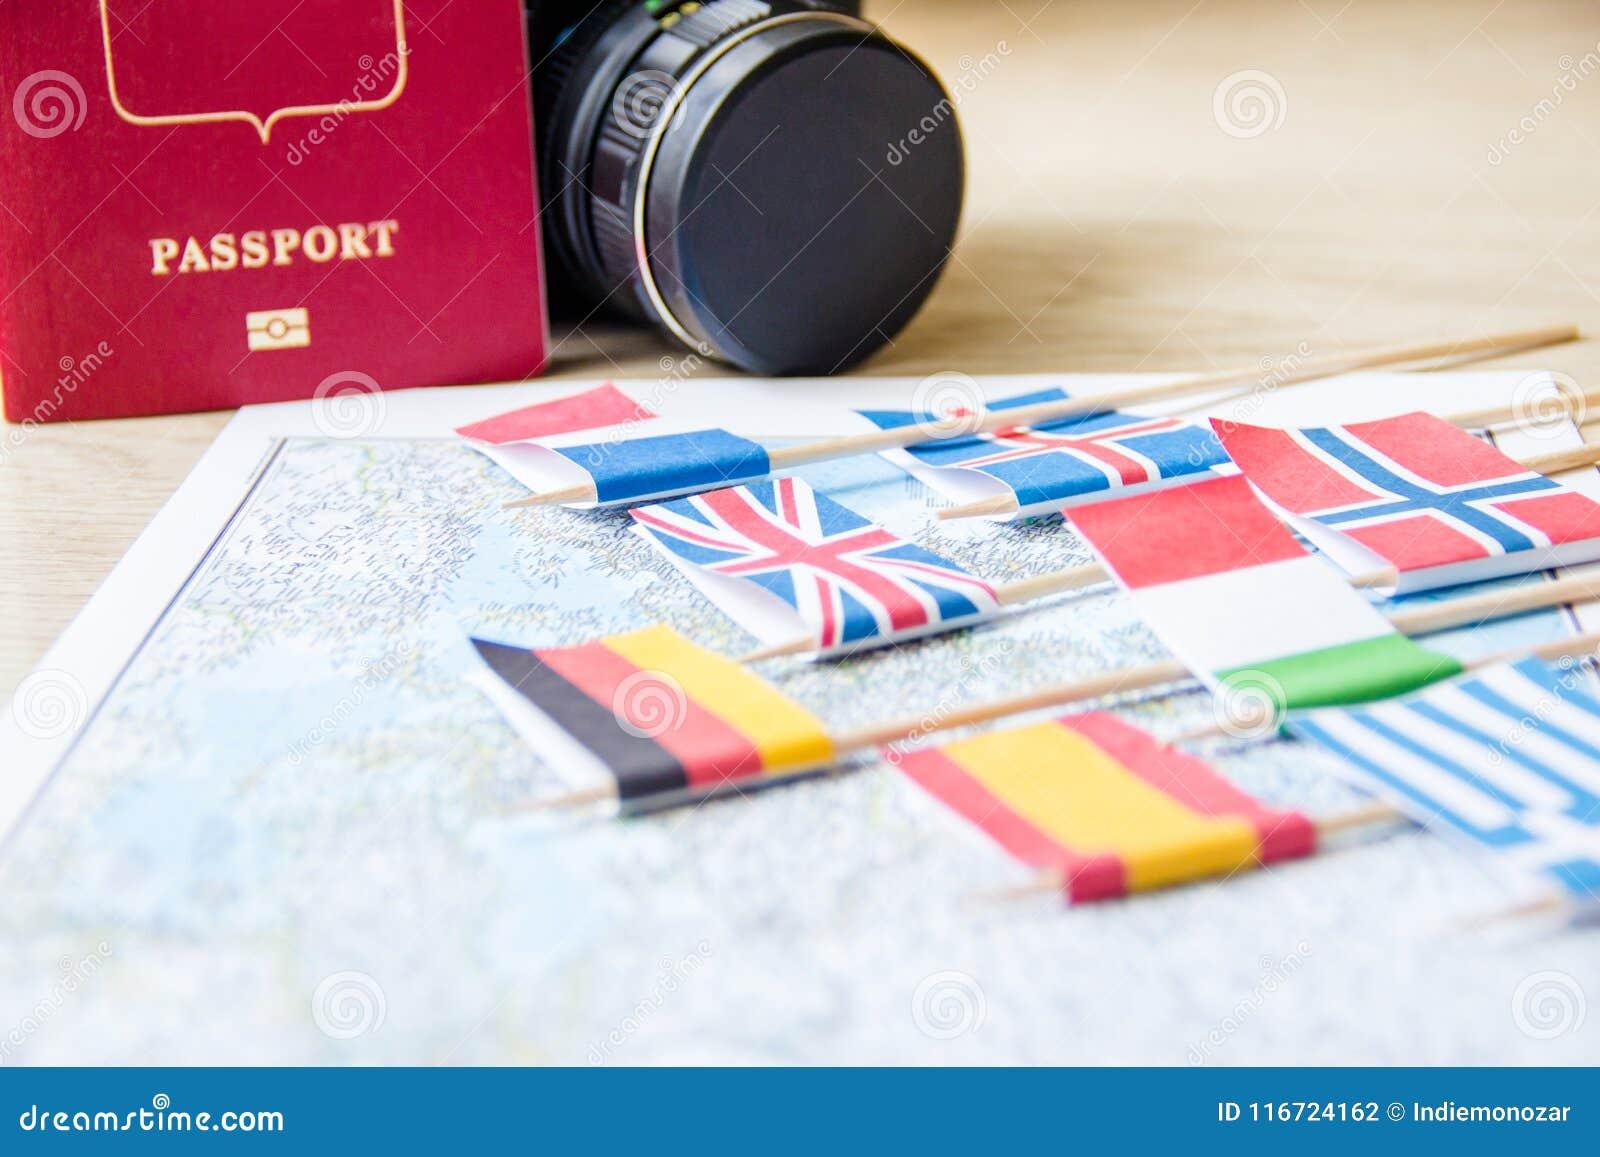 Flaggen auf Reise zeichnen, Kamera, Passnahaufnahme auf Reisezielplanungskonzept